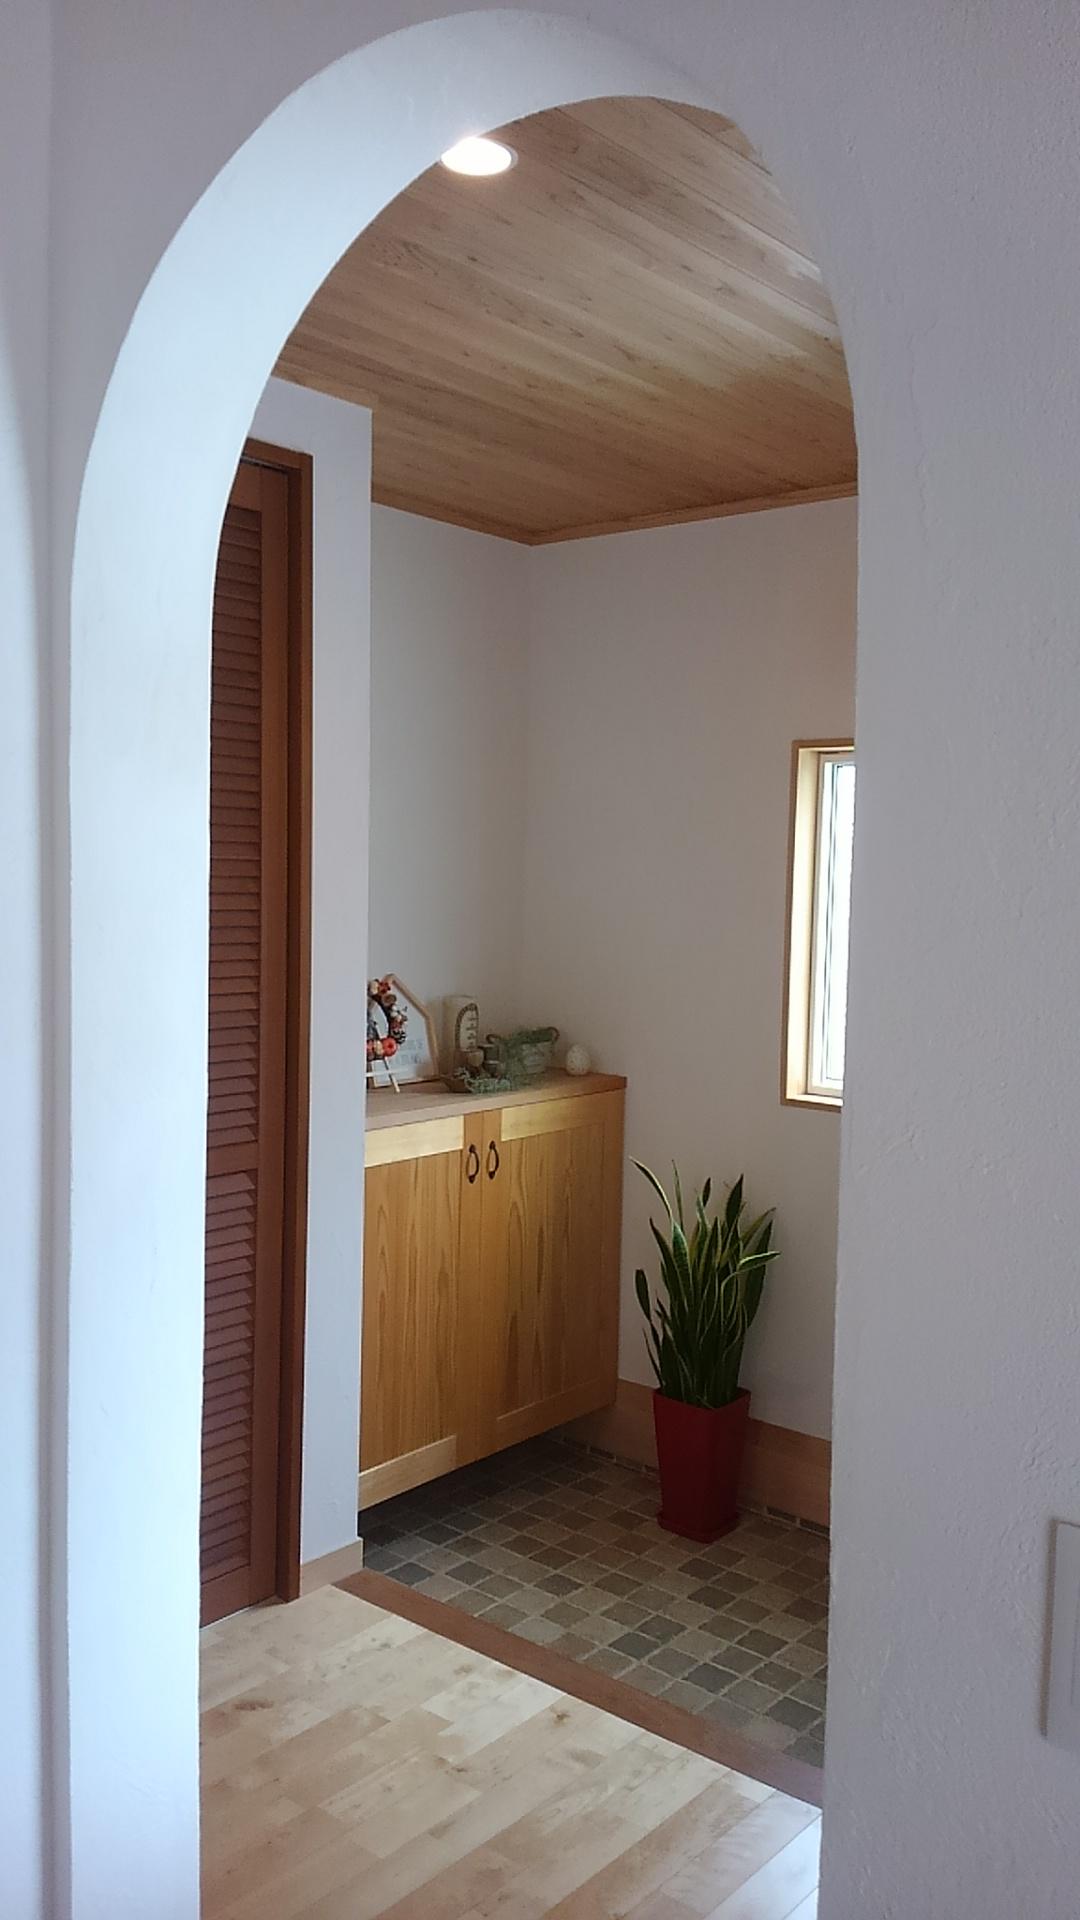 自然素材に包まれる幸せ。無垢材の天井